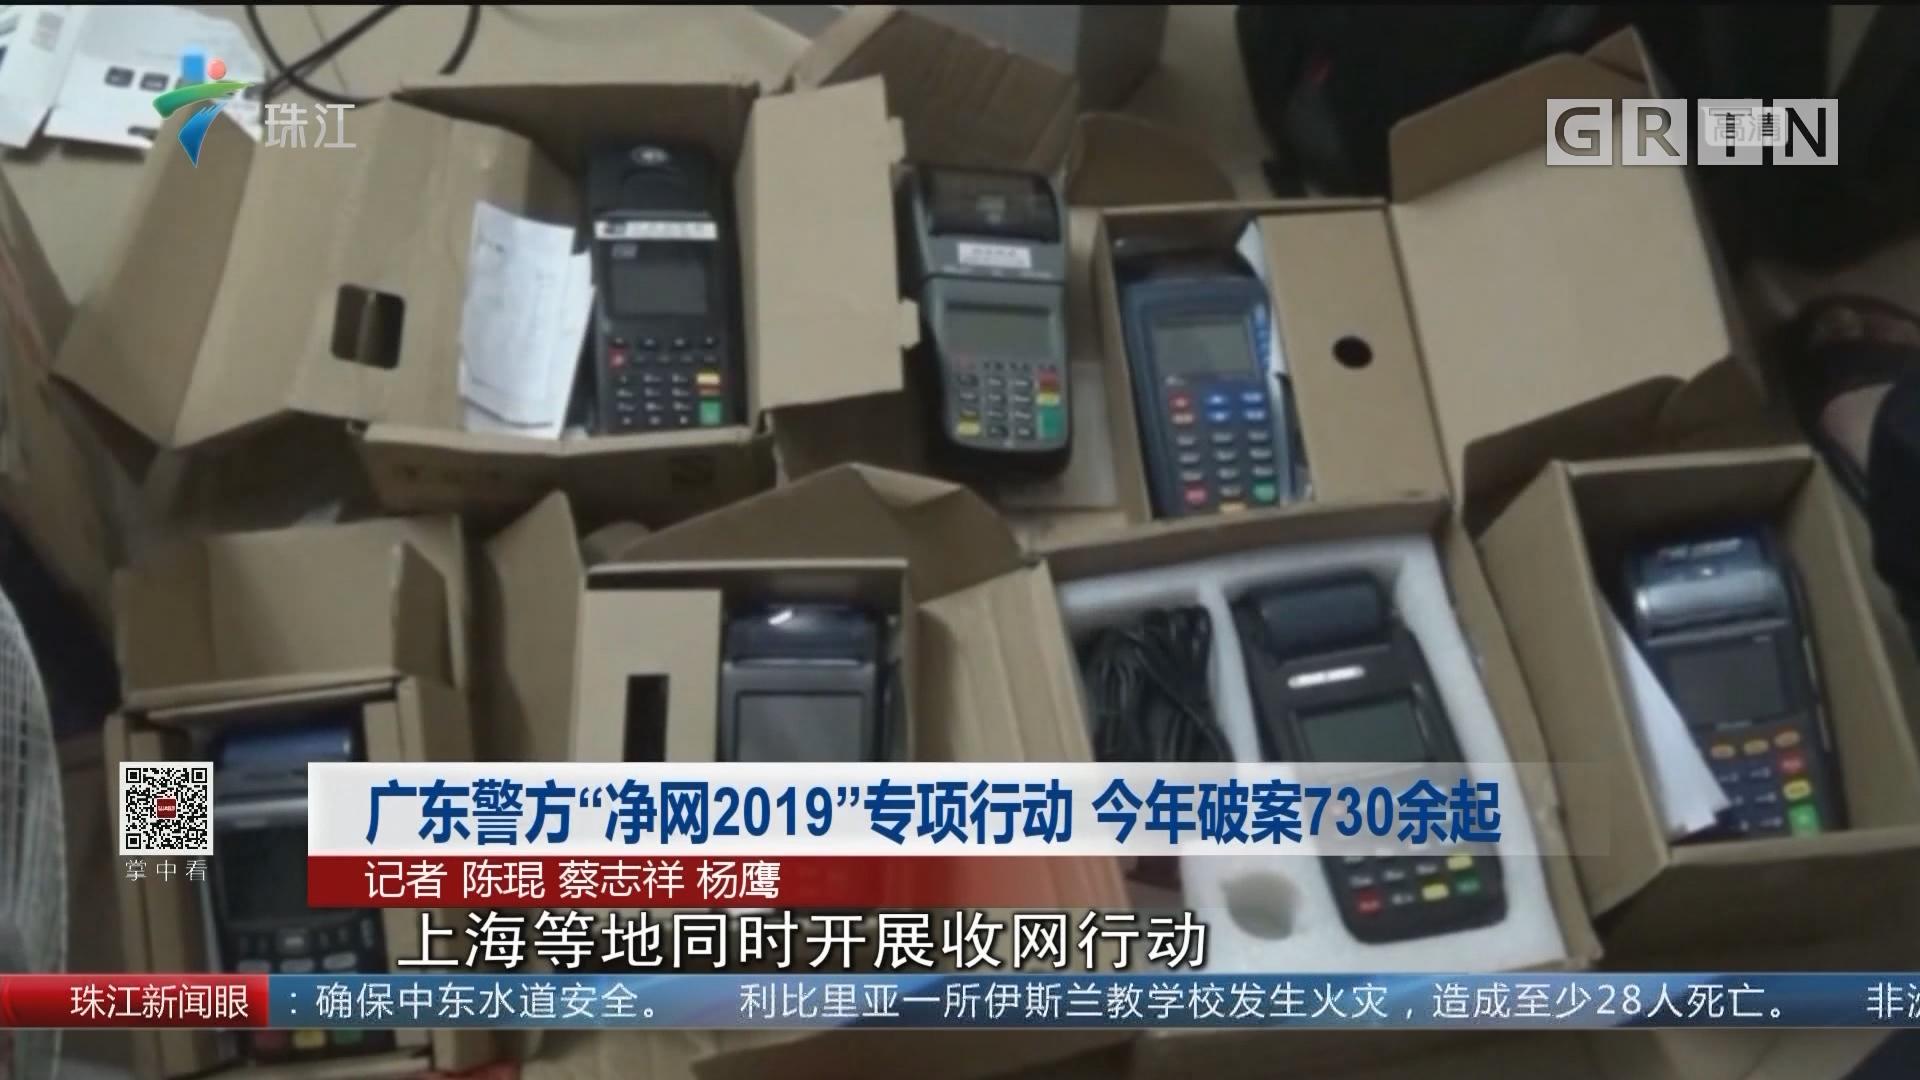 """广东警方""""净网2019""""专顶行动 今年破案730余起"""